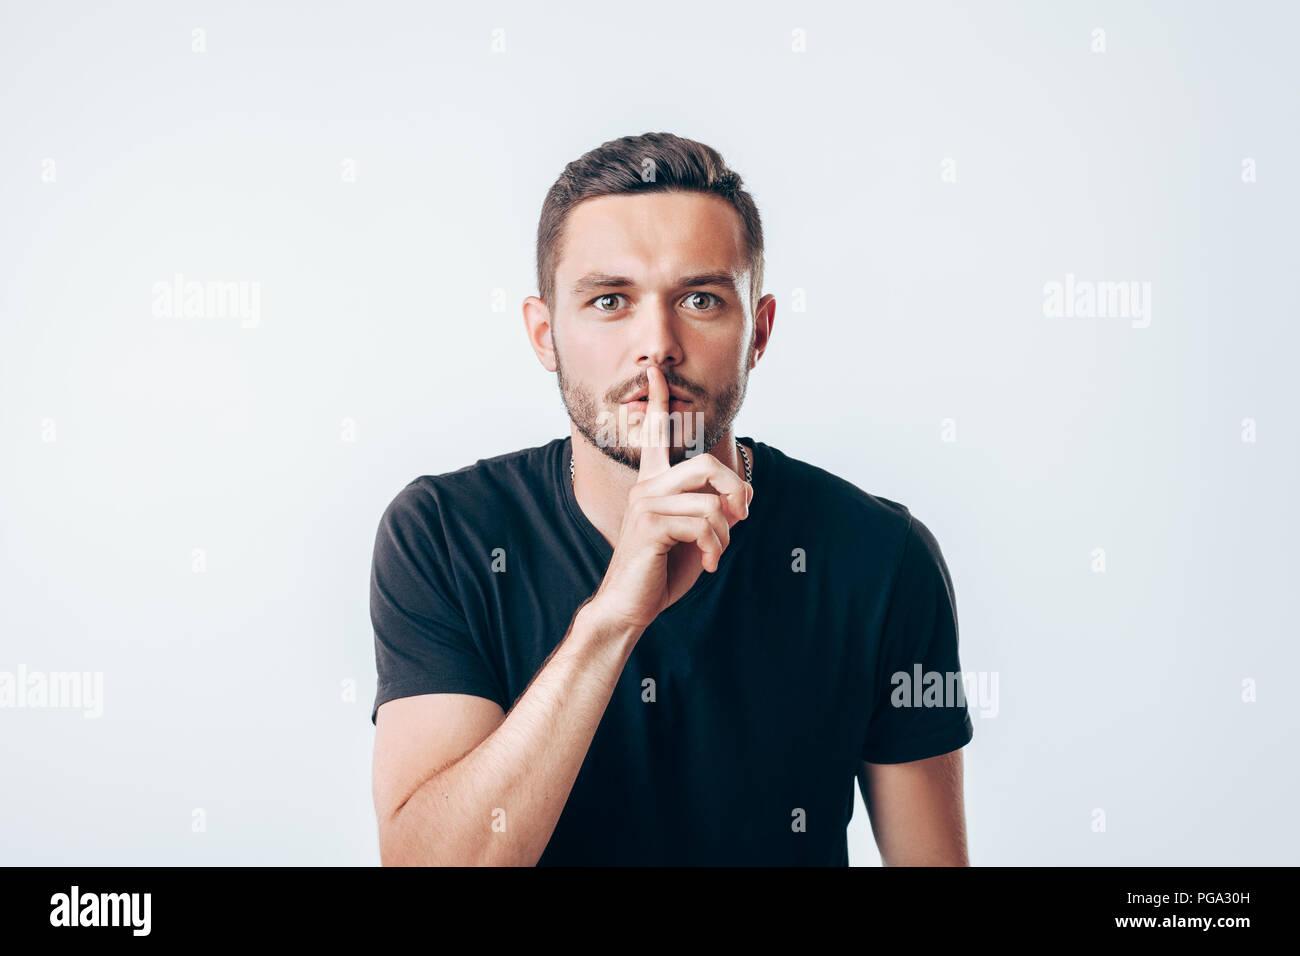 Joven Hombre sujetando el dedo índice sobre los labios pidiendo silencio. Concepto secreto Foto de stock